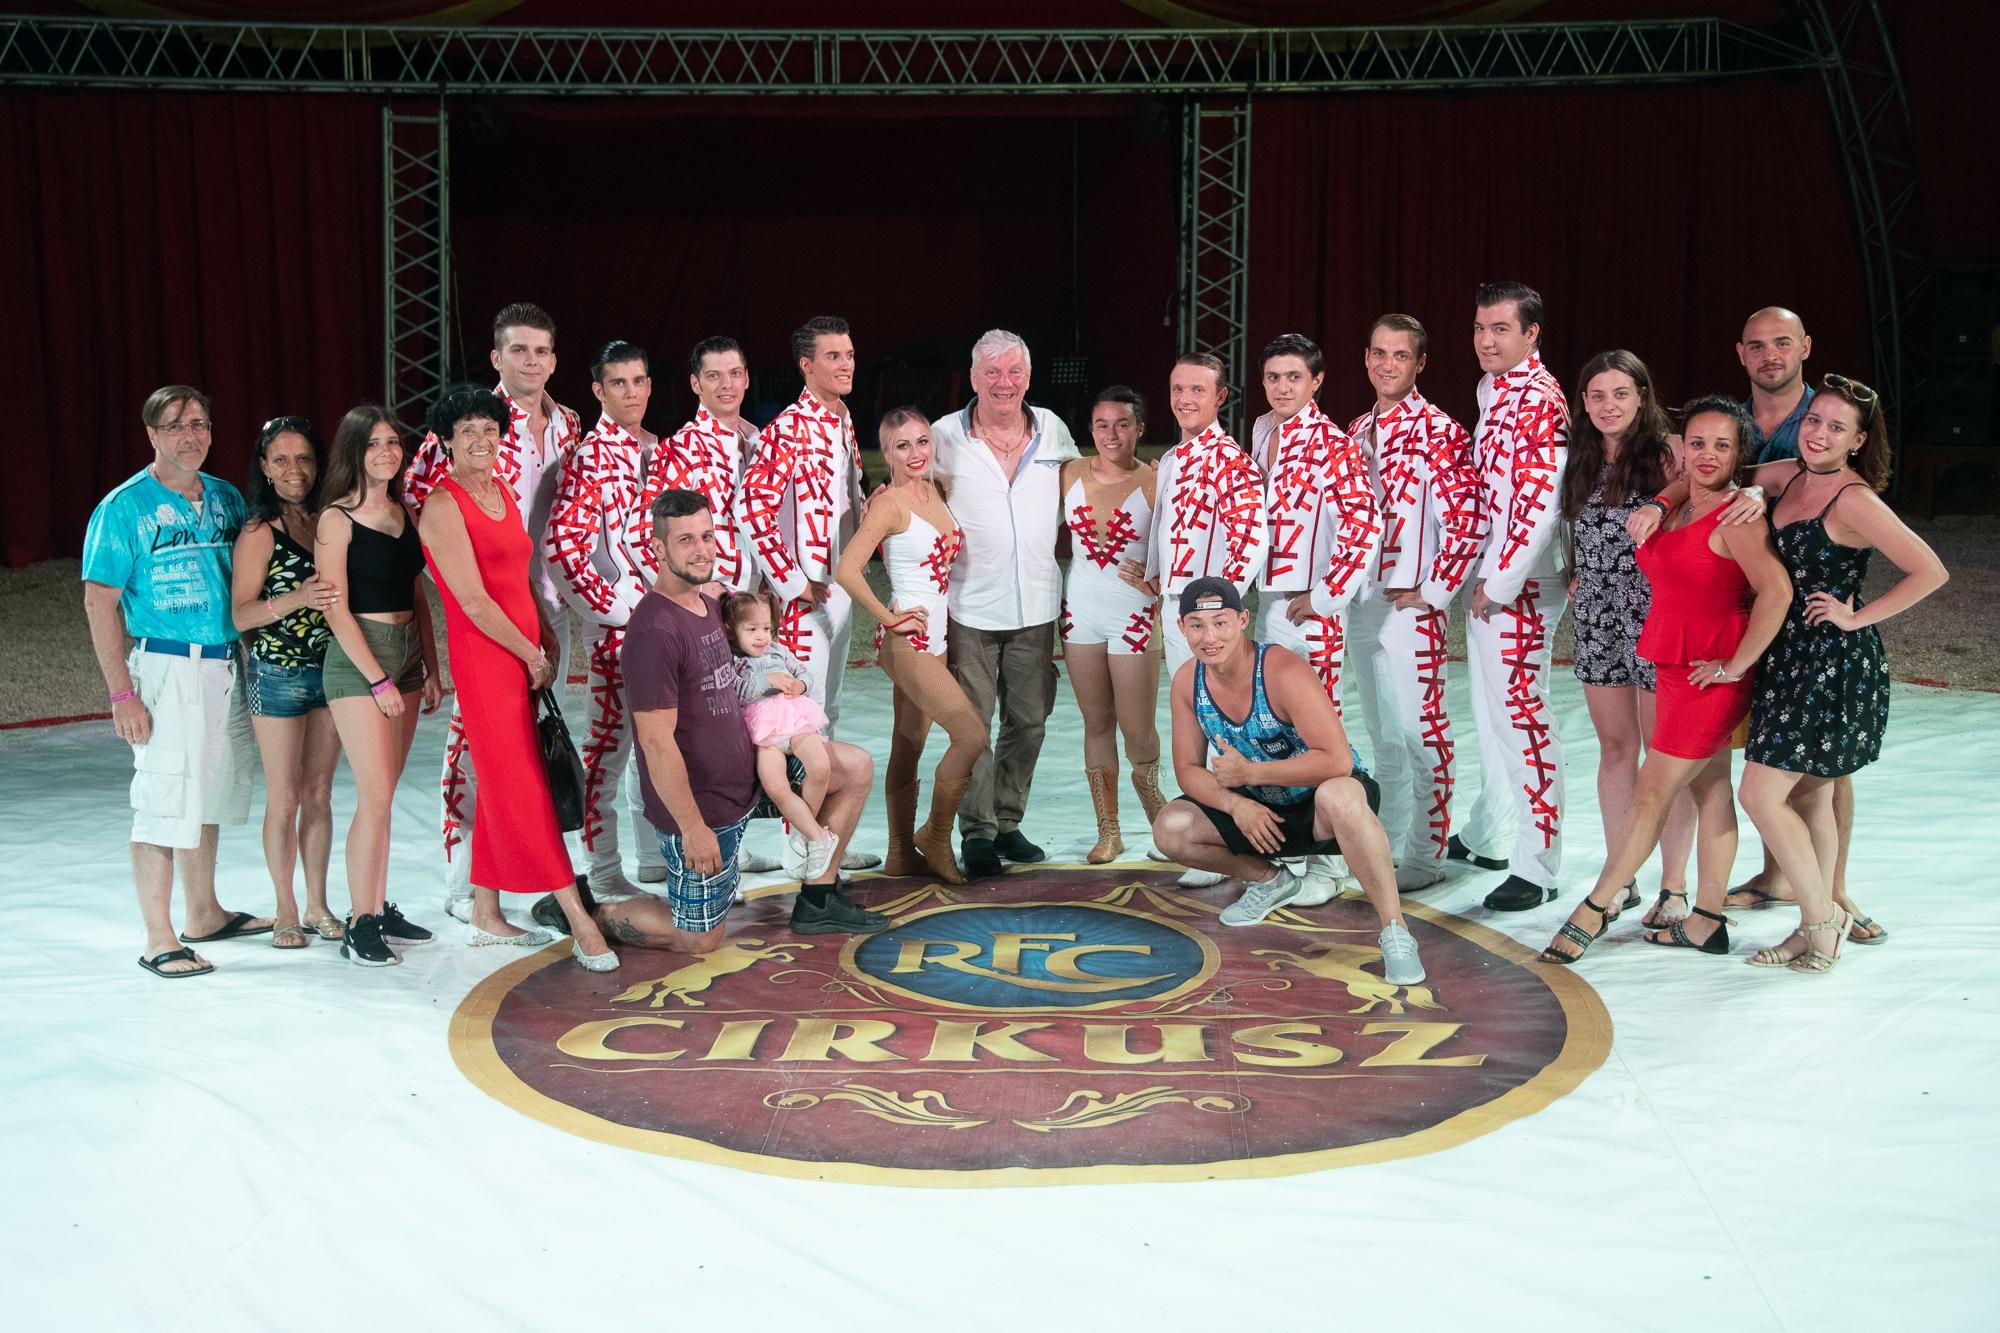 Balatoni cirkuszlátogatás!